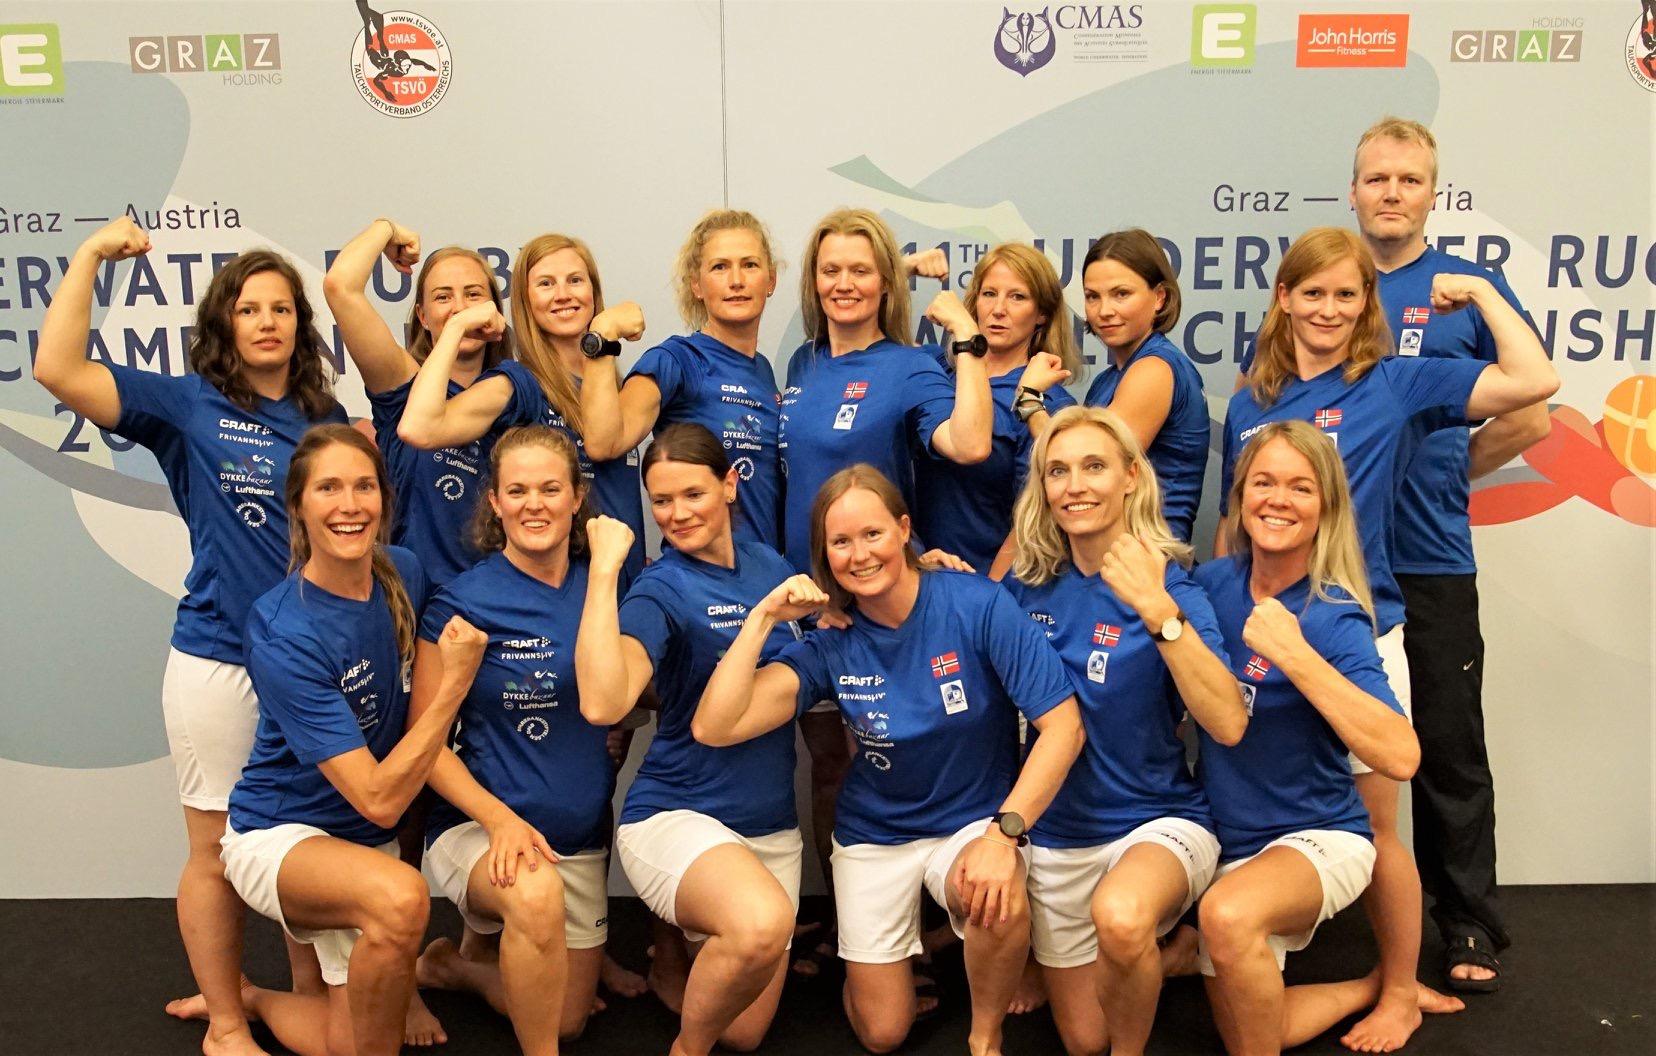 Offisielt lagbilde av kvinnelandslaget